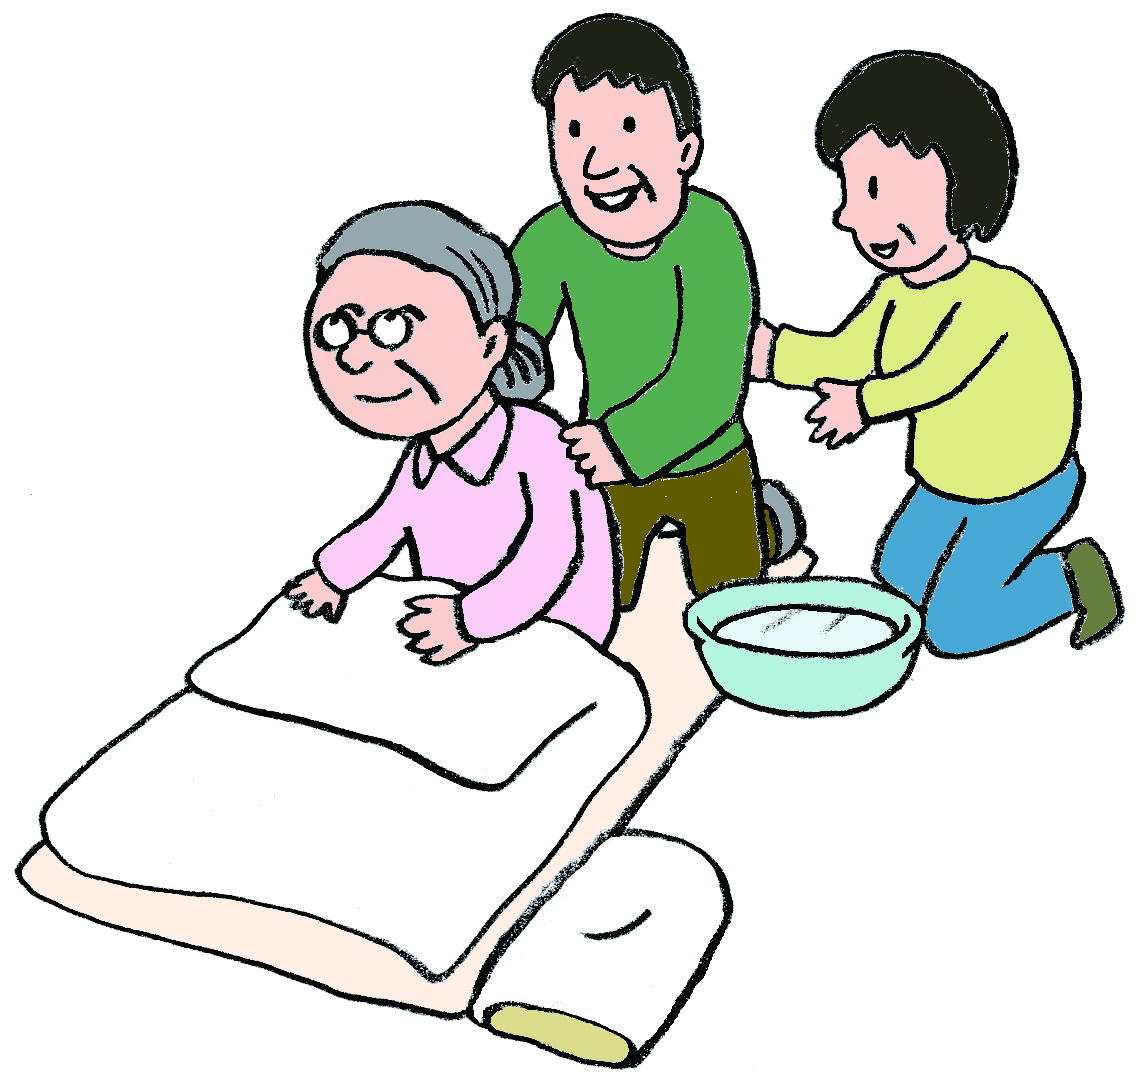 認知症高齢者を在宅介護する際の注意点